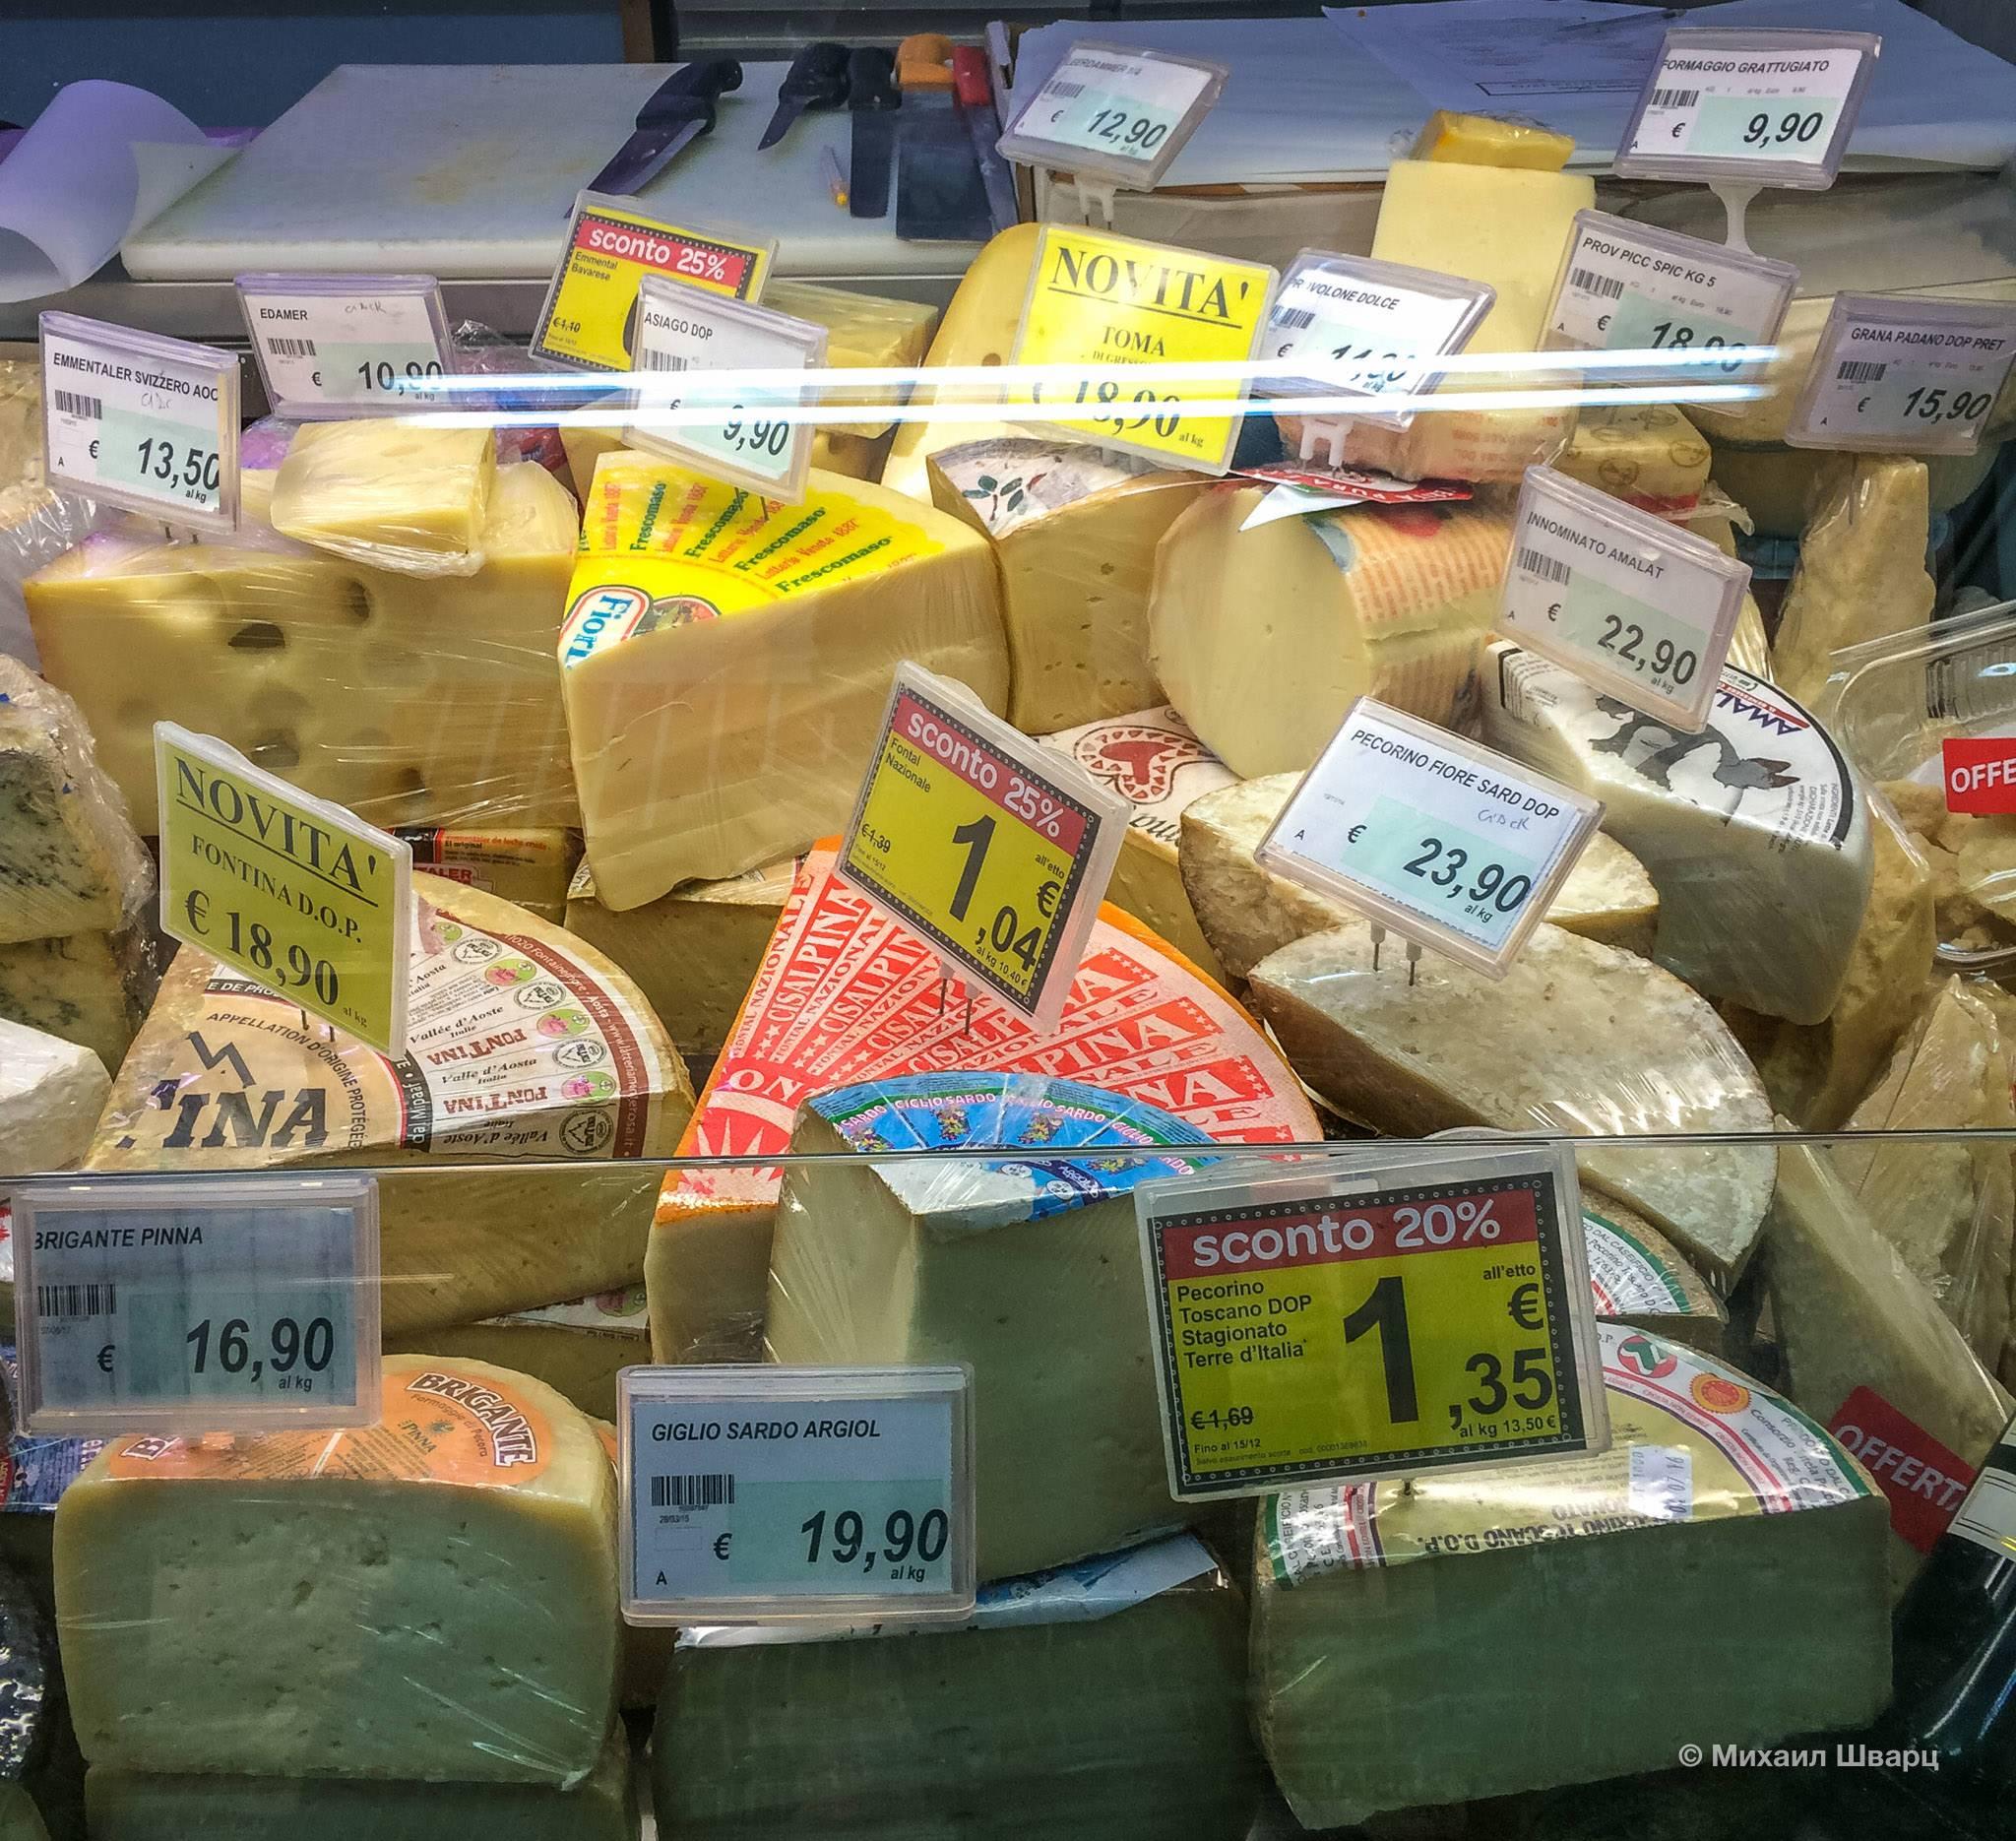 Цены в Италии в 2021 году: чего ожидать и как планировать расходы